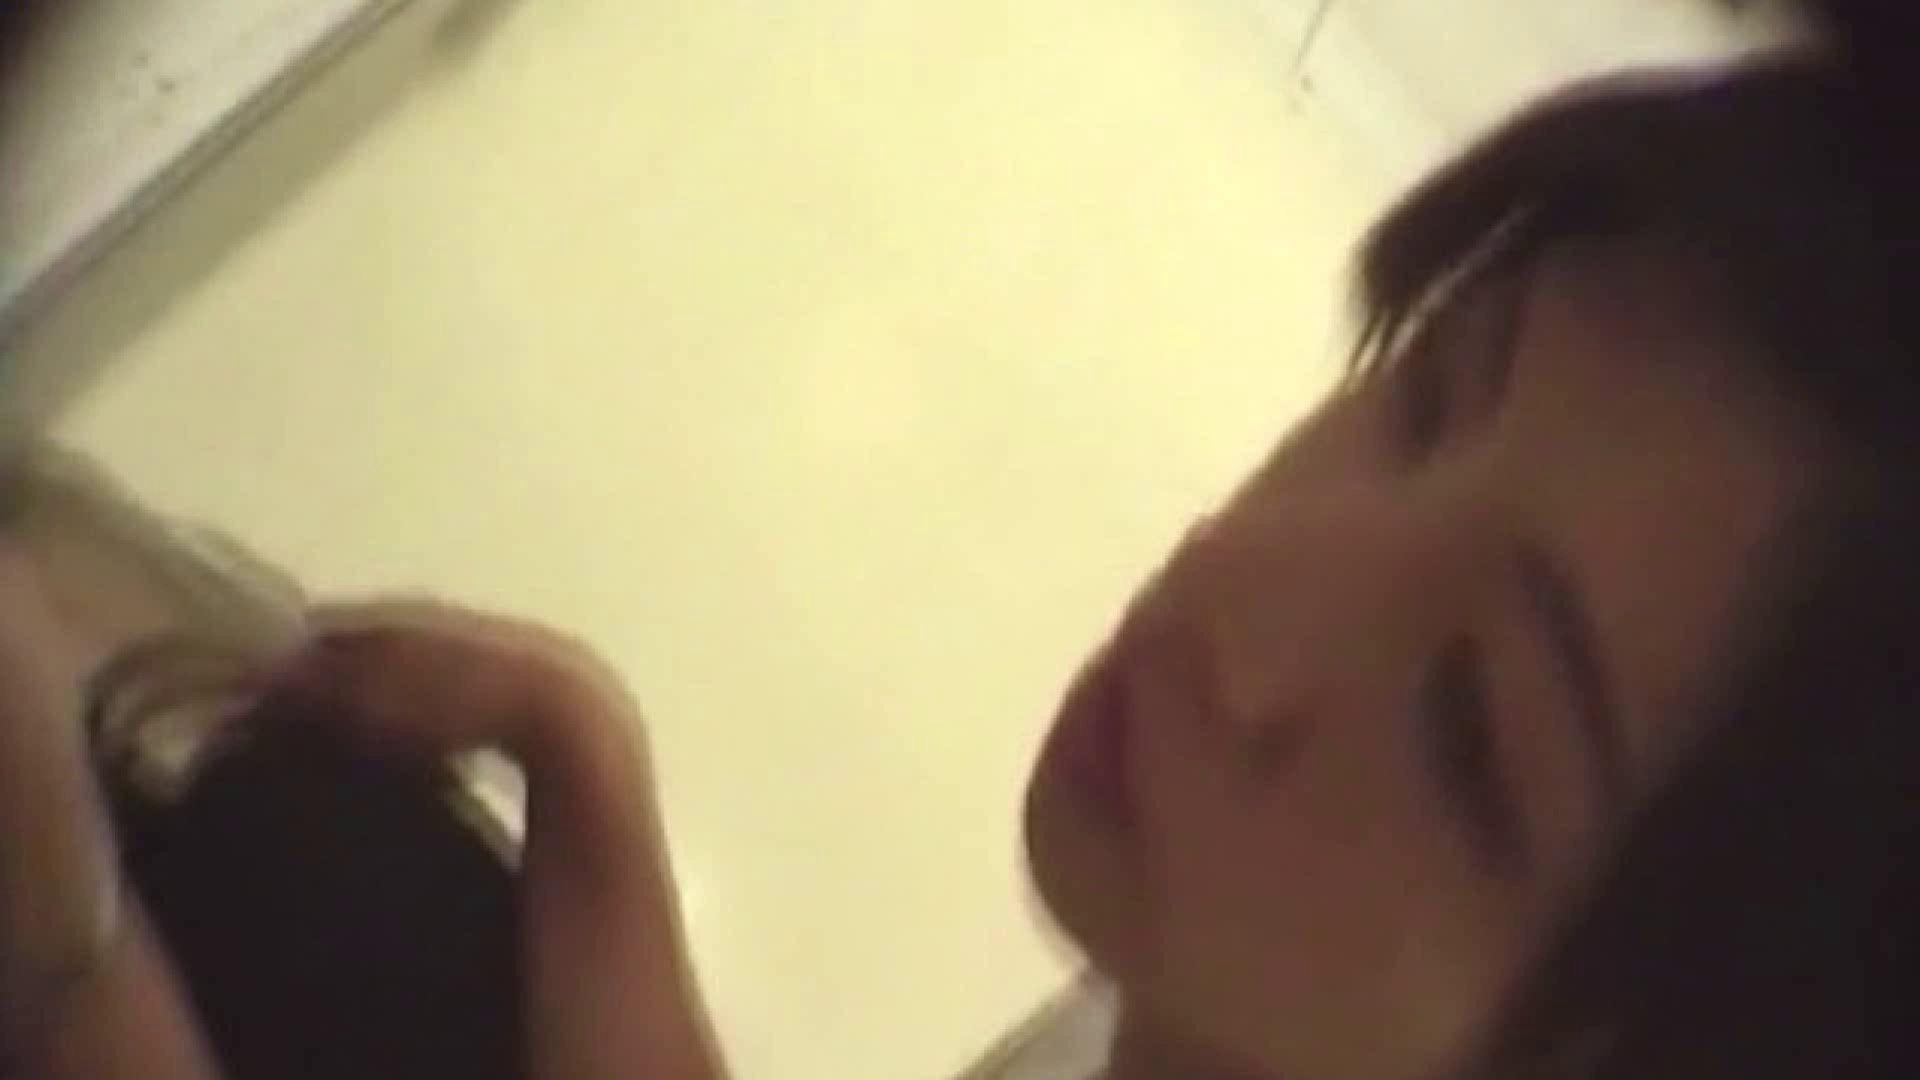 真剣に買い物中のgal達を上から下から狙います。vol.04 フェチ セックス無修正動画無料 70pic 53